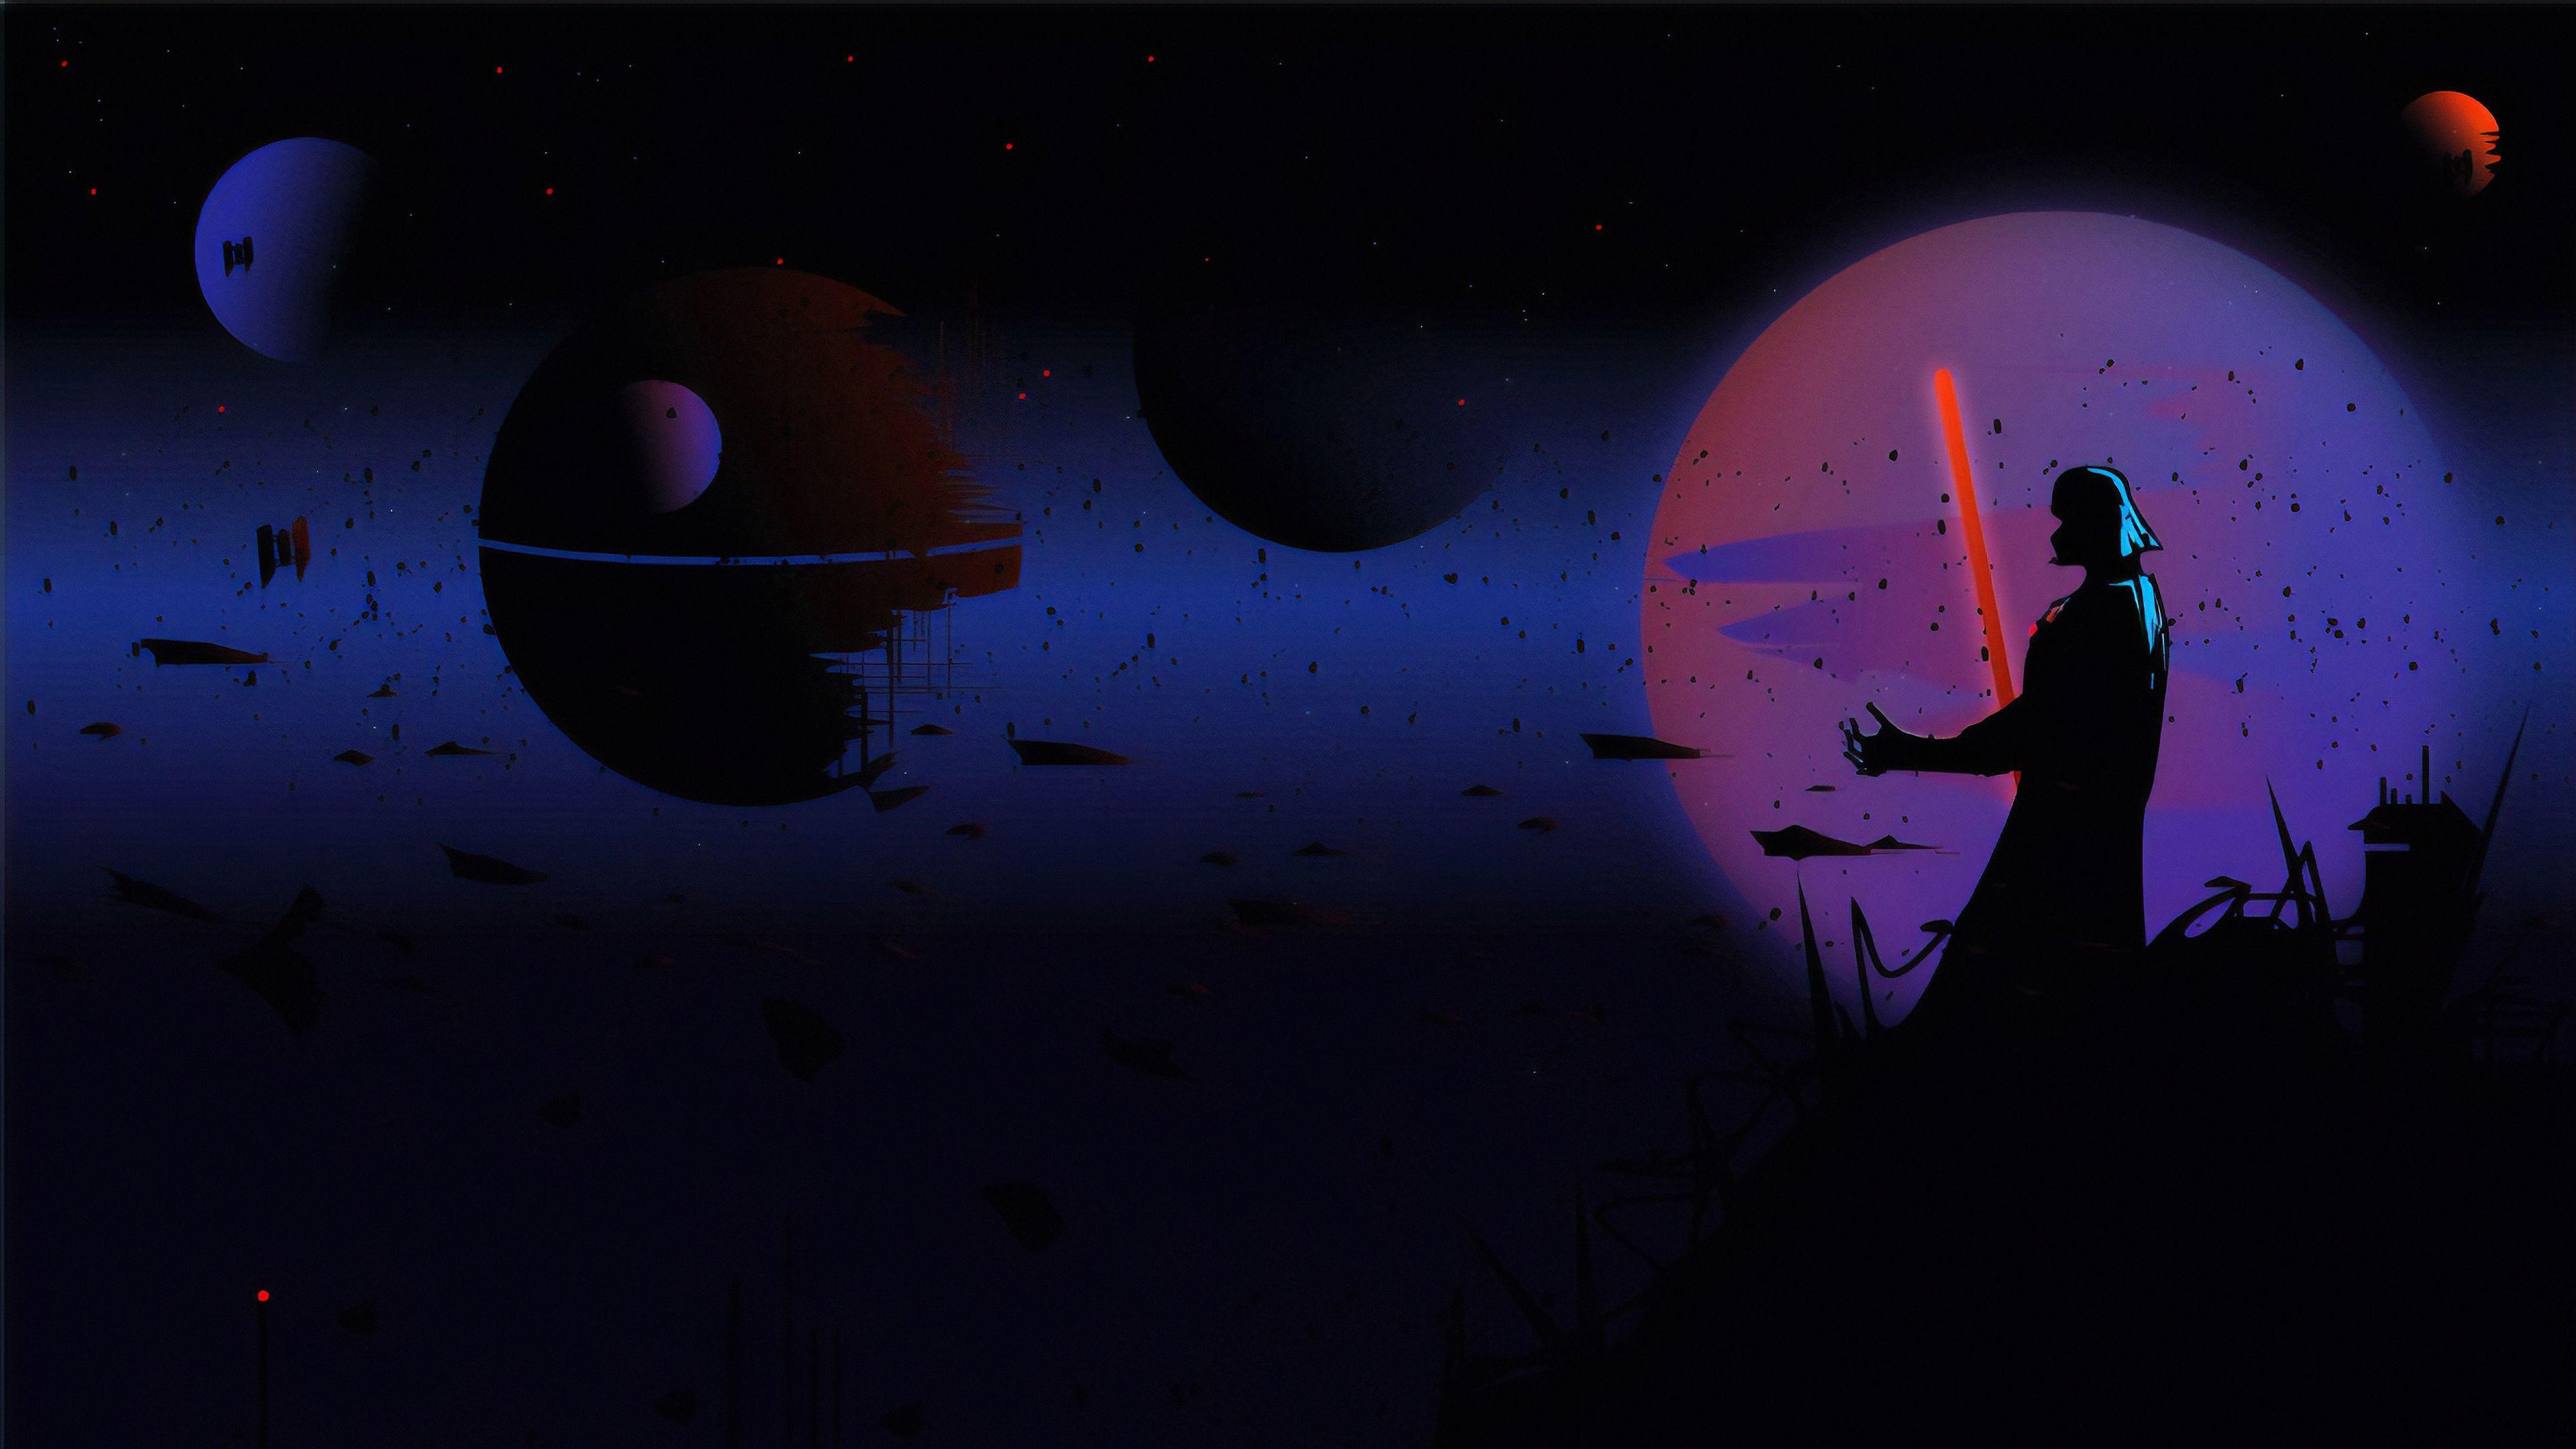 3840x2160 Star Wars Darth Vader Digital Art Wallpaper In 2021 Star Wars Wallpaper Star Wars Background Art Wallpaper